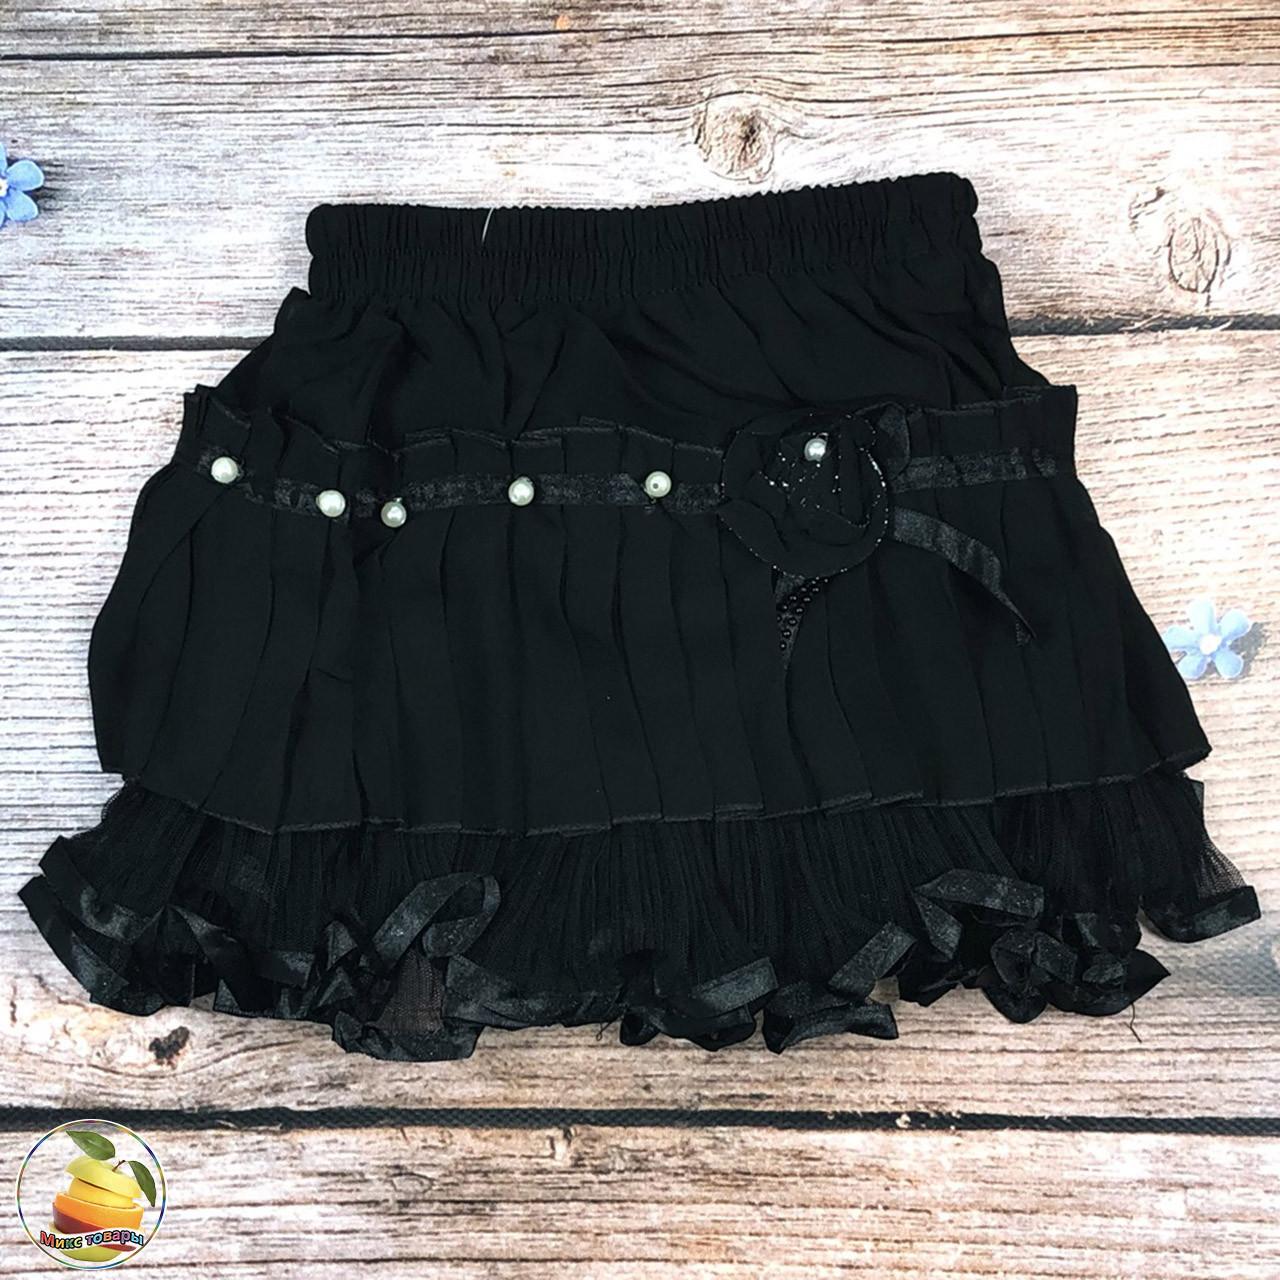 Детская юбка чёрного цвета Размеры: 2,3,4,5 лет (20908)